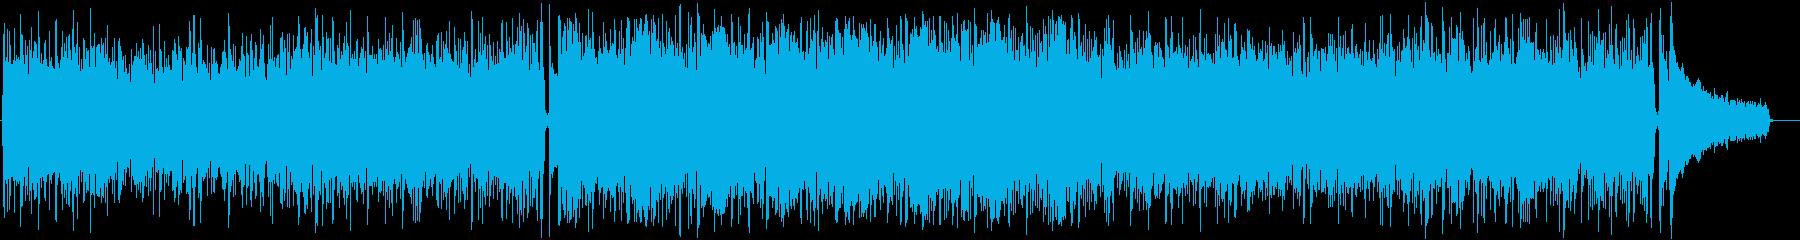 昭和のTVドラマで流れそうなBGMの再生済みの波形